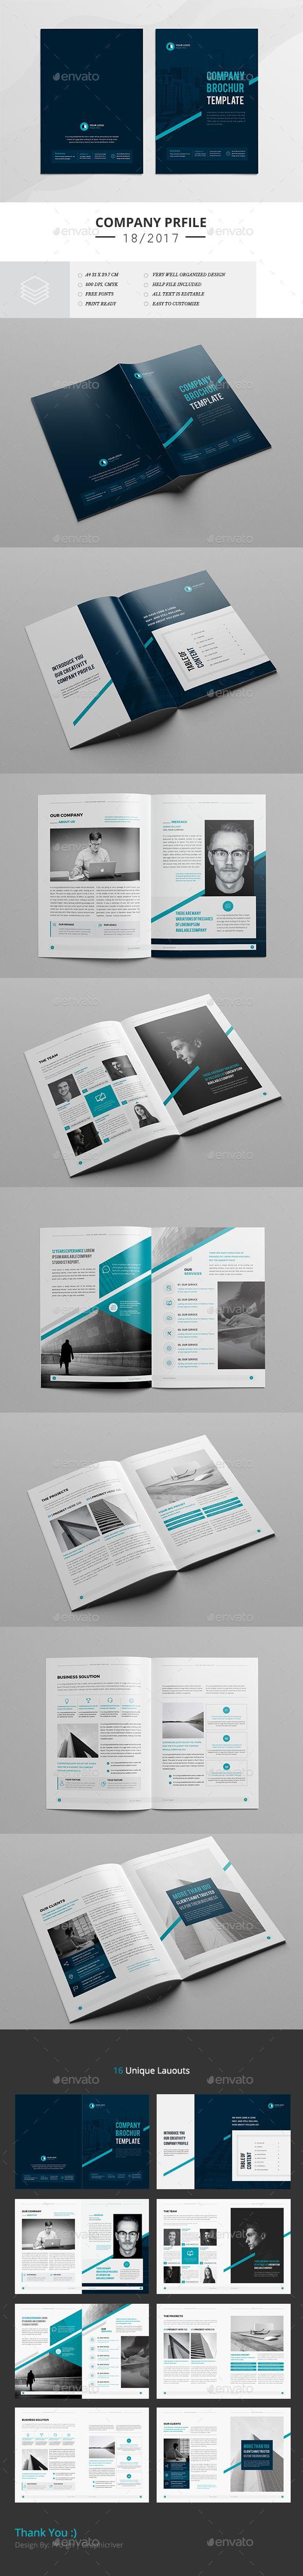 Company Profile 16 Pages | Company profile, Profile and Brochures